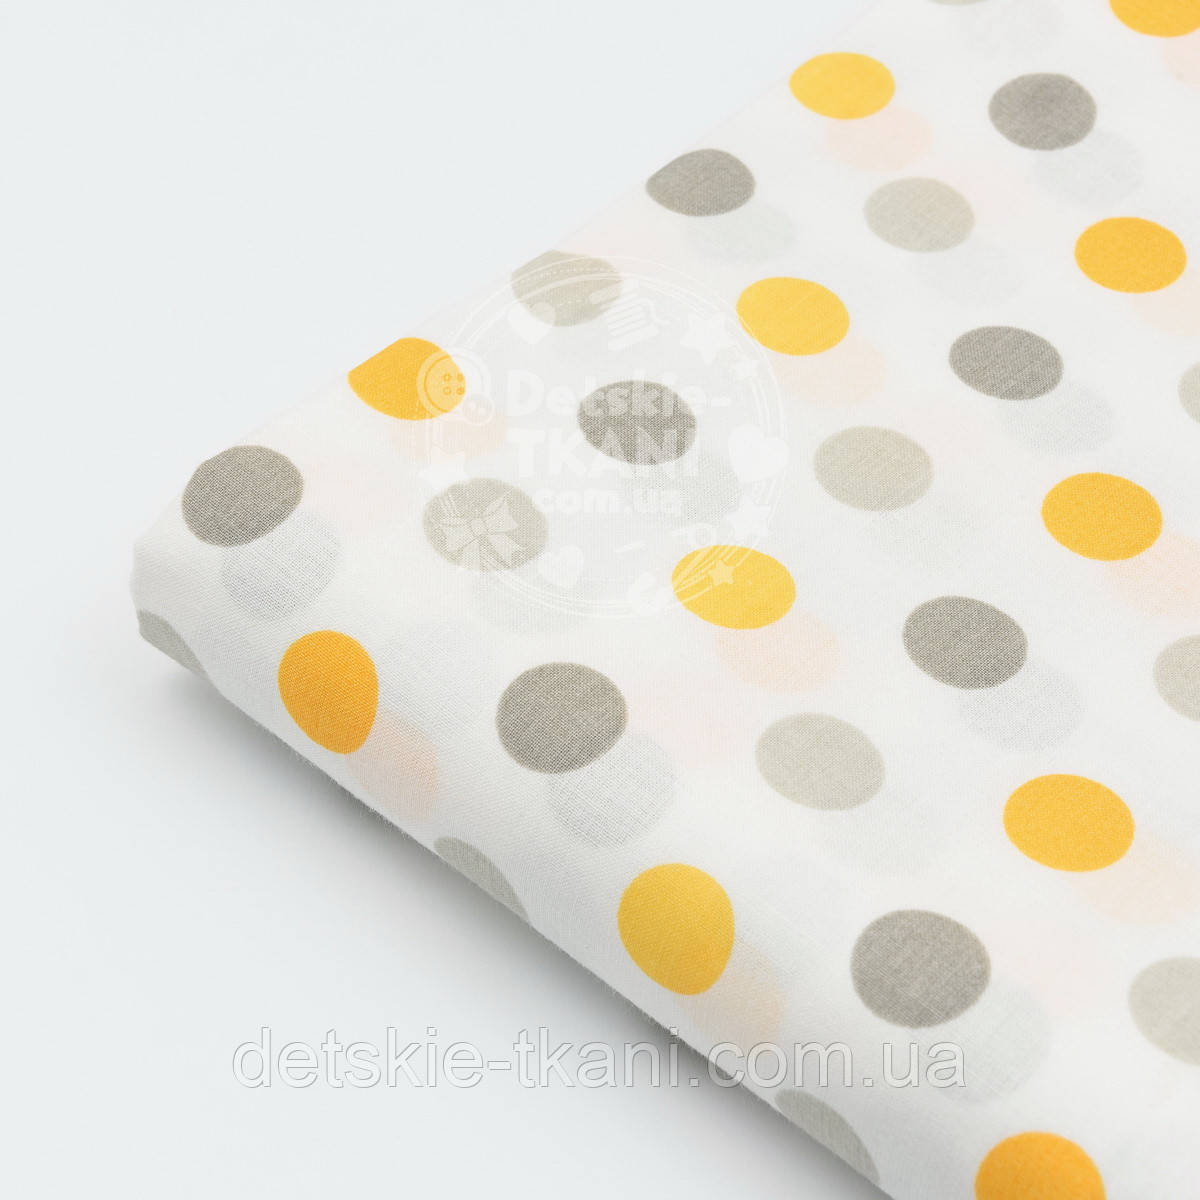 Отрез ткани №268а  с серыми и жёлтыми горохами, размер 60*160